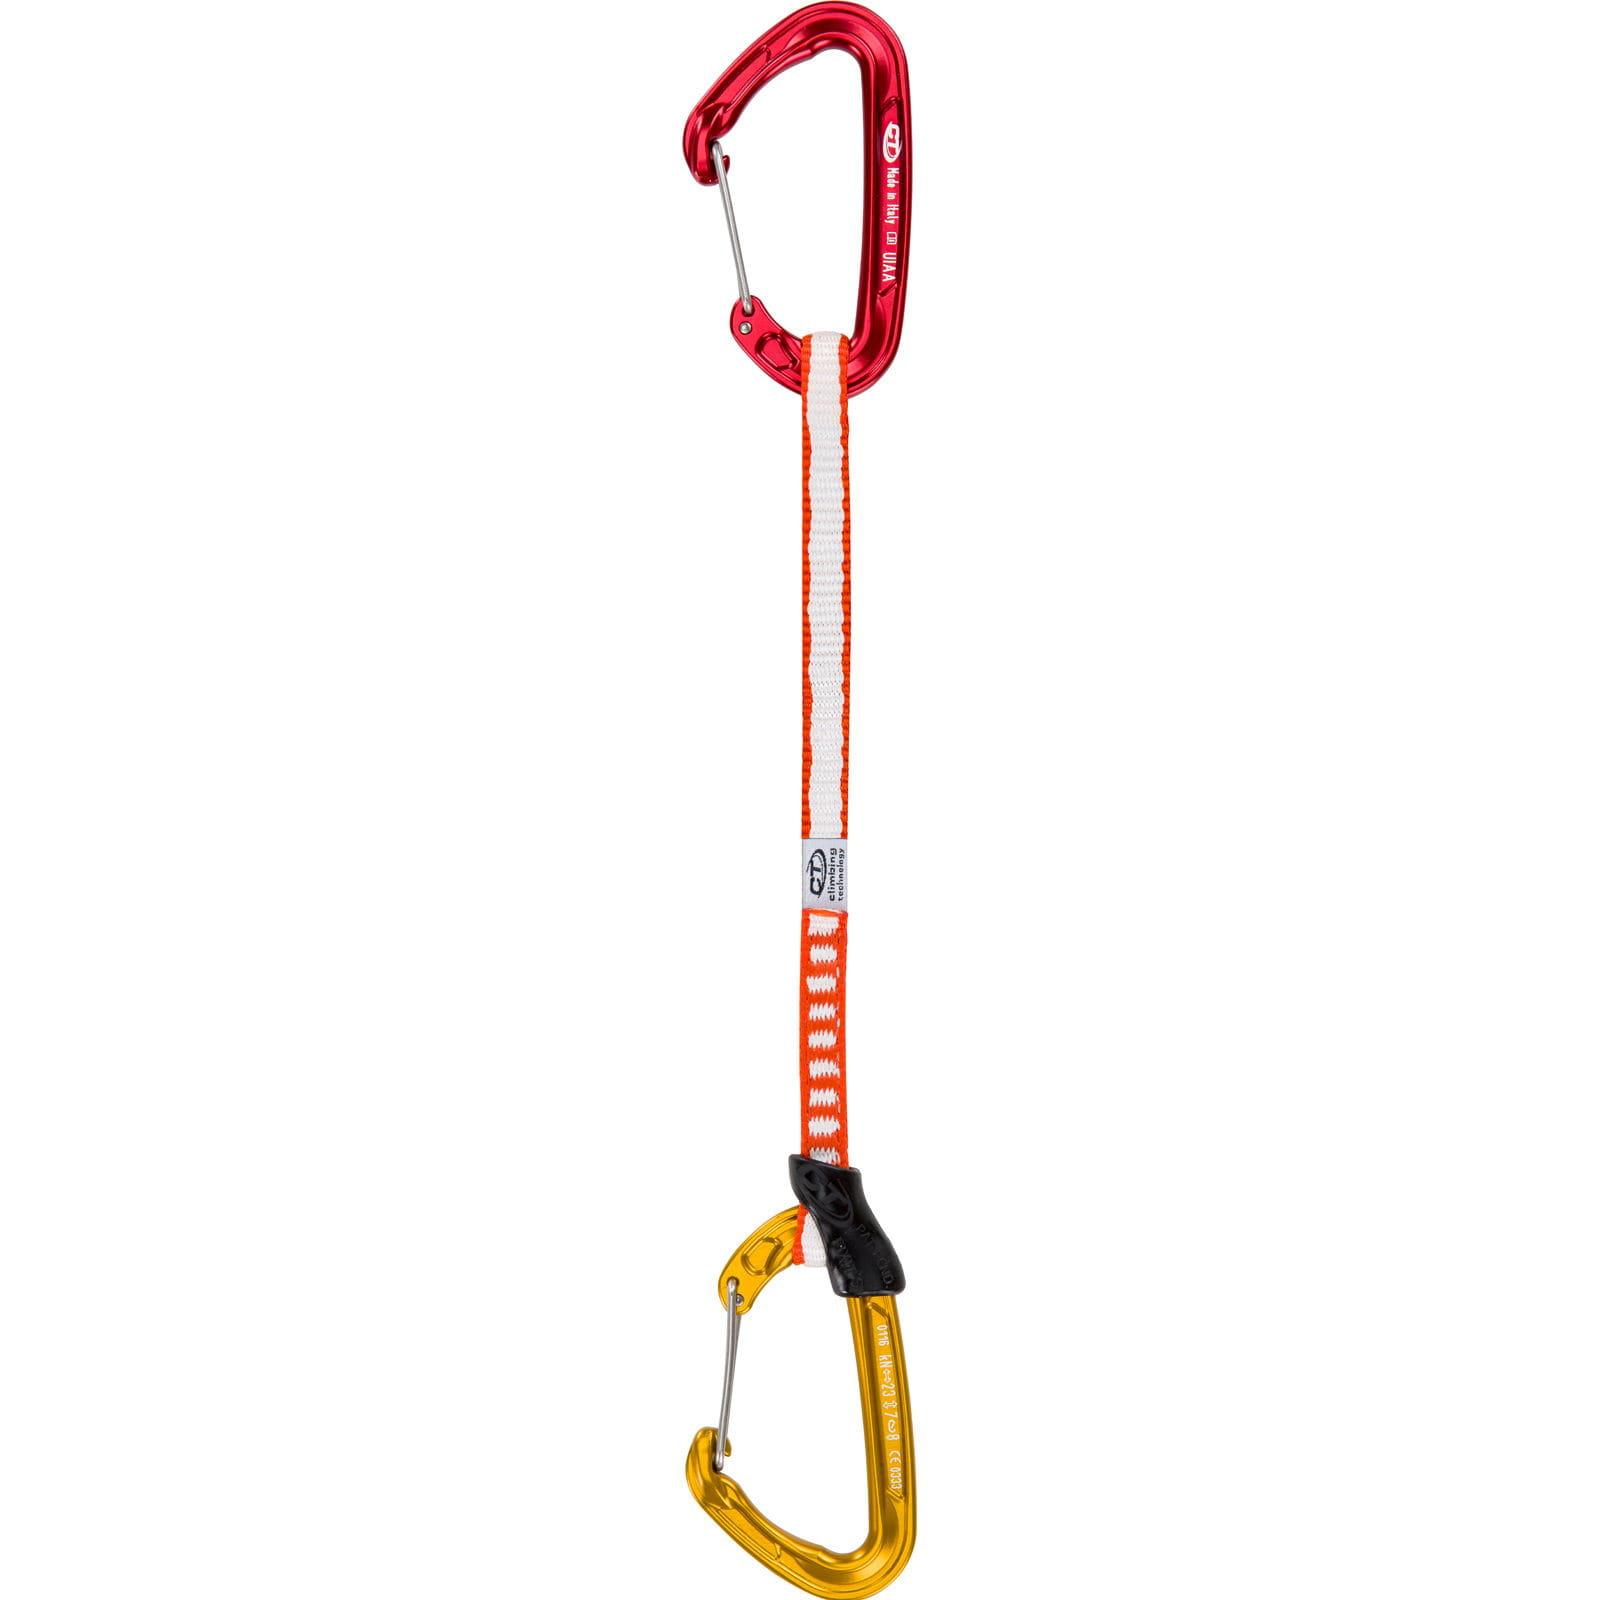 Climbing Technology Fly-Weight Evo Set DY 22 cm - Express-Set - Bild 1